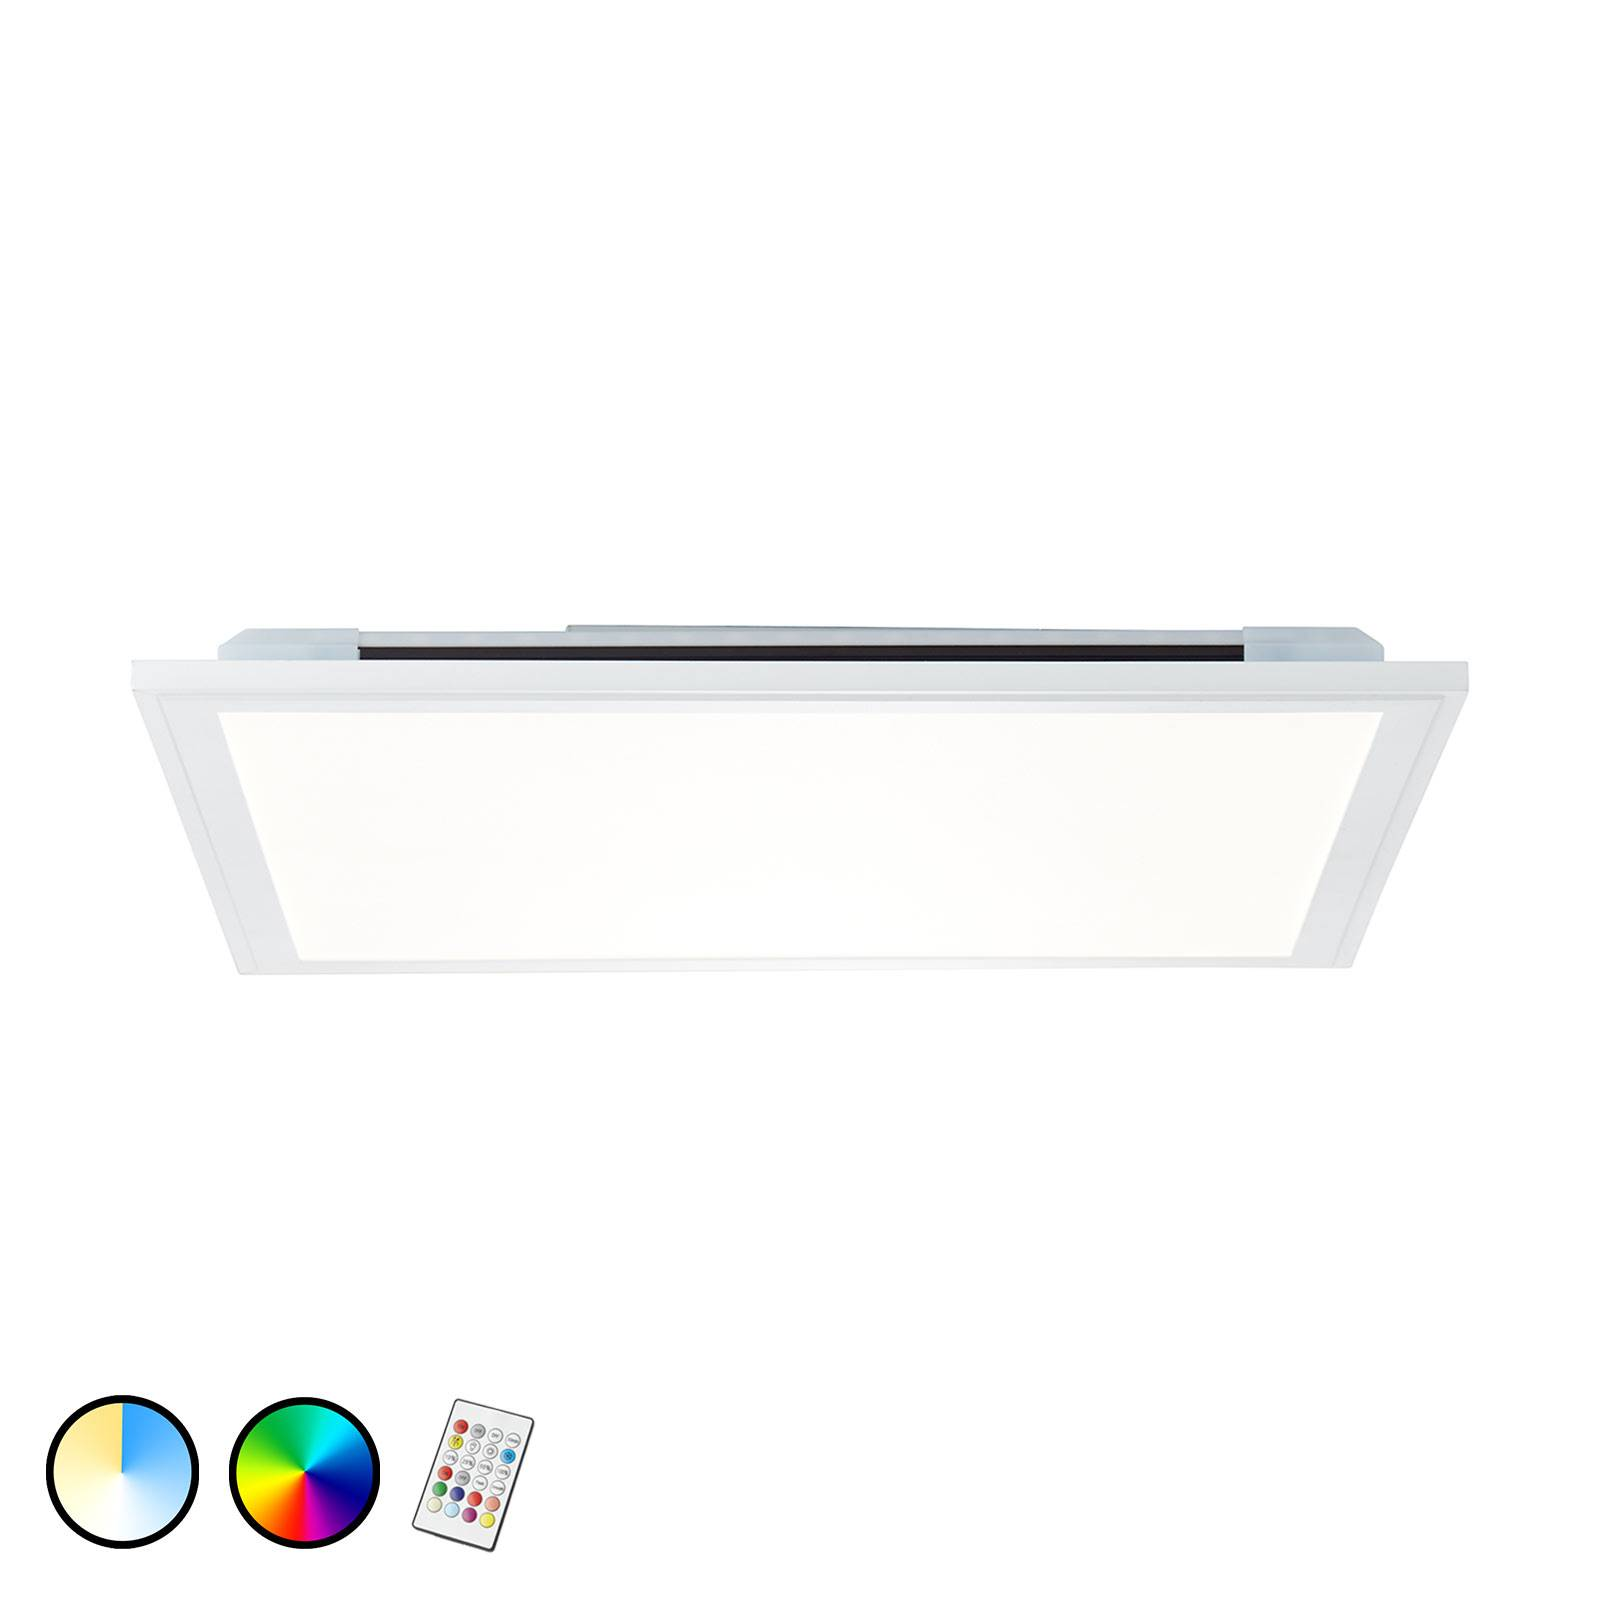 LED-Deckenleuchte Allie, 59,5x59,5 cm